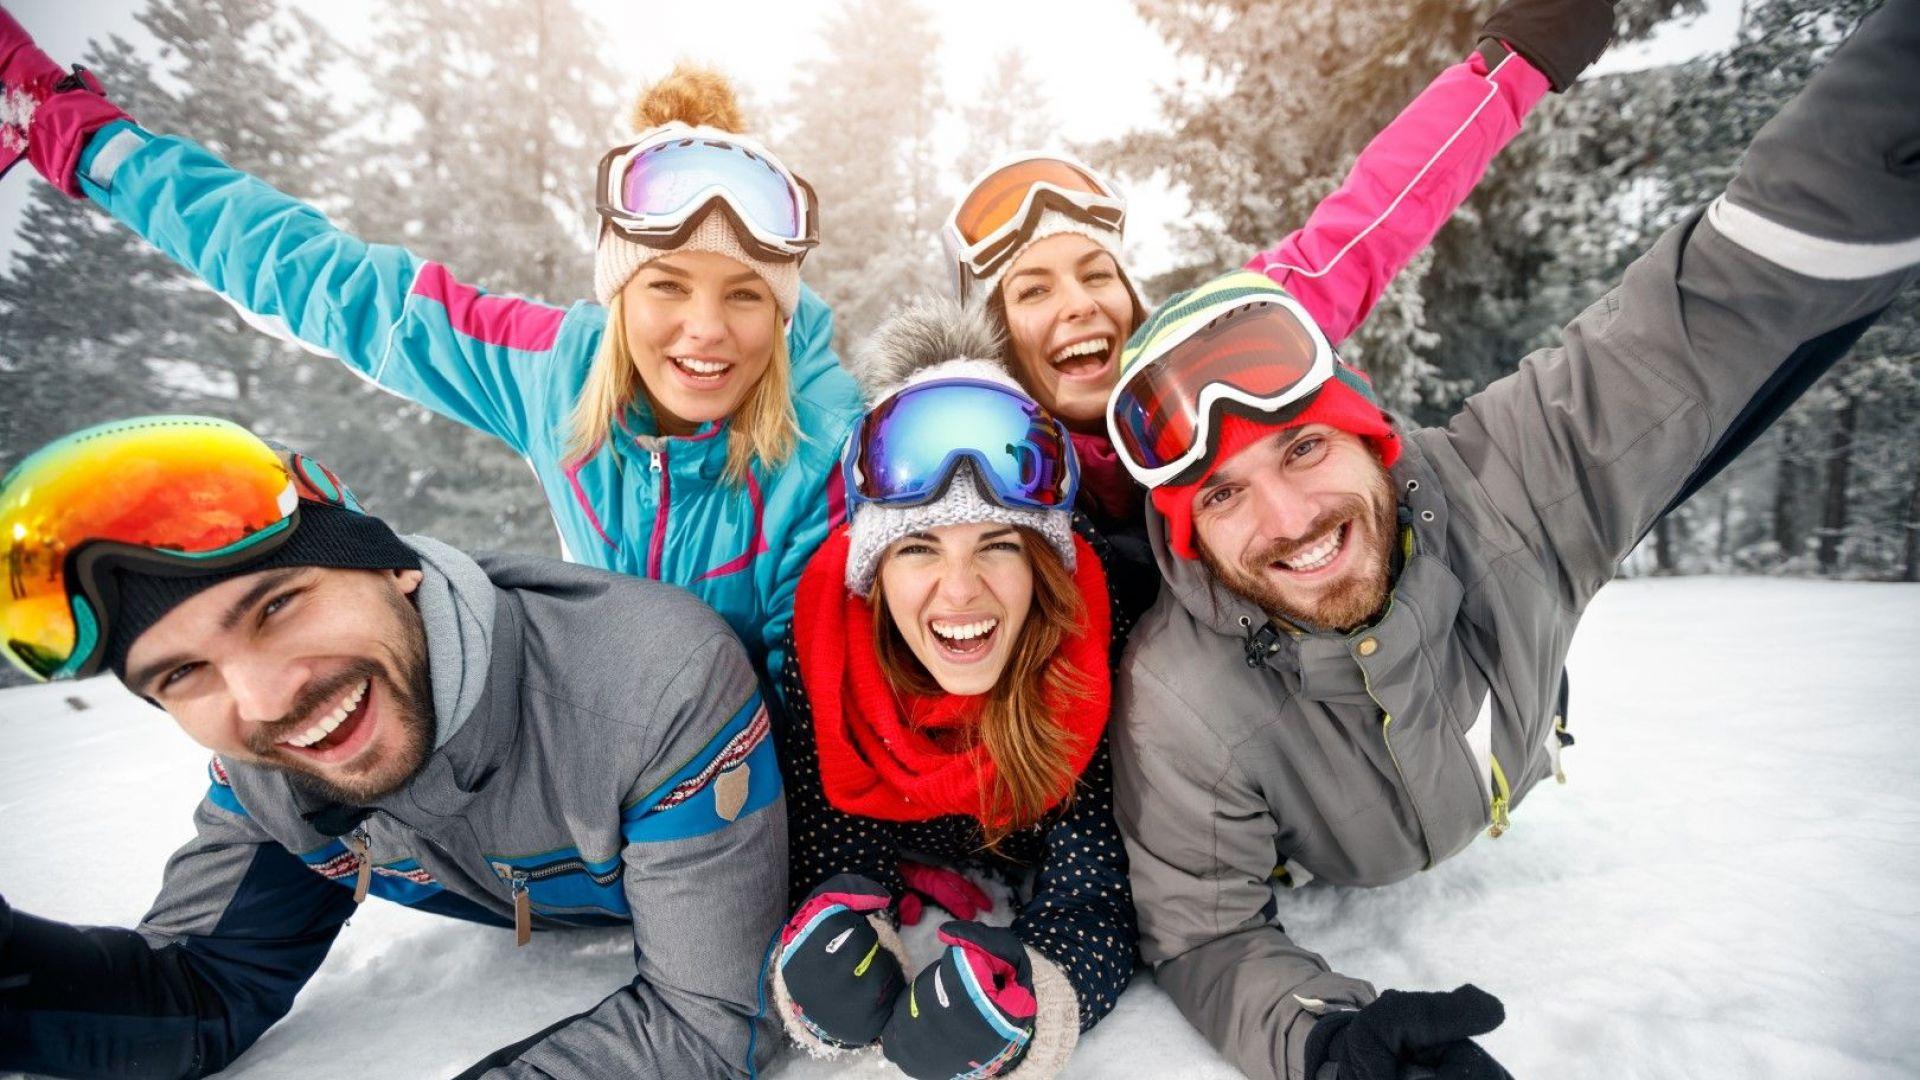 Обявиха най-добрите ски (сноуборд) курорти за 2019 г. Къде са българските